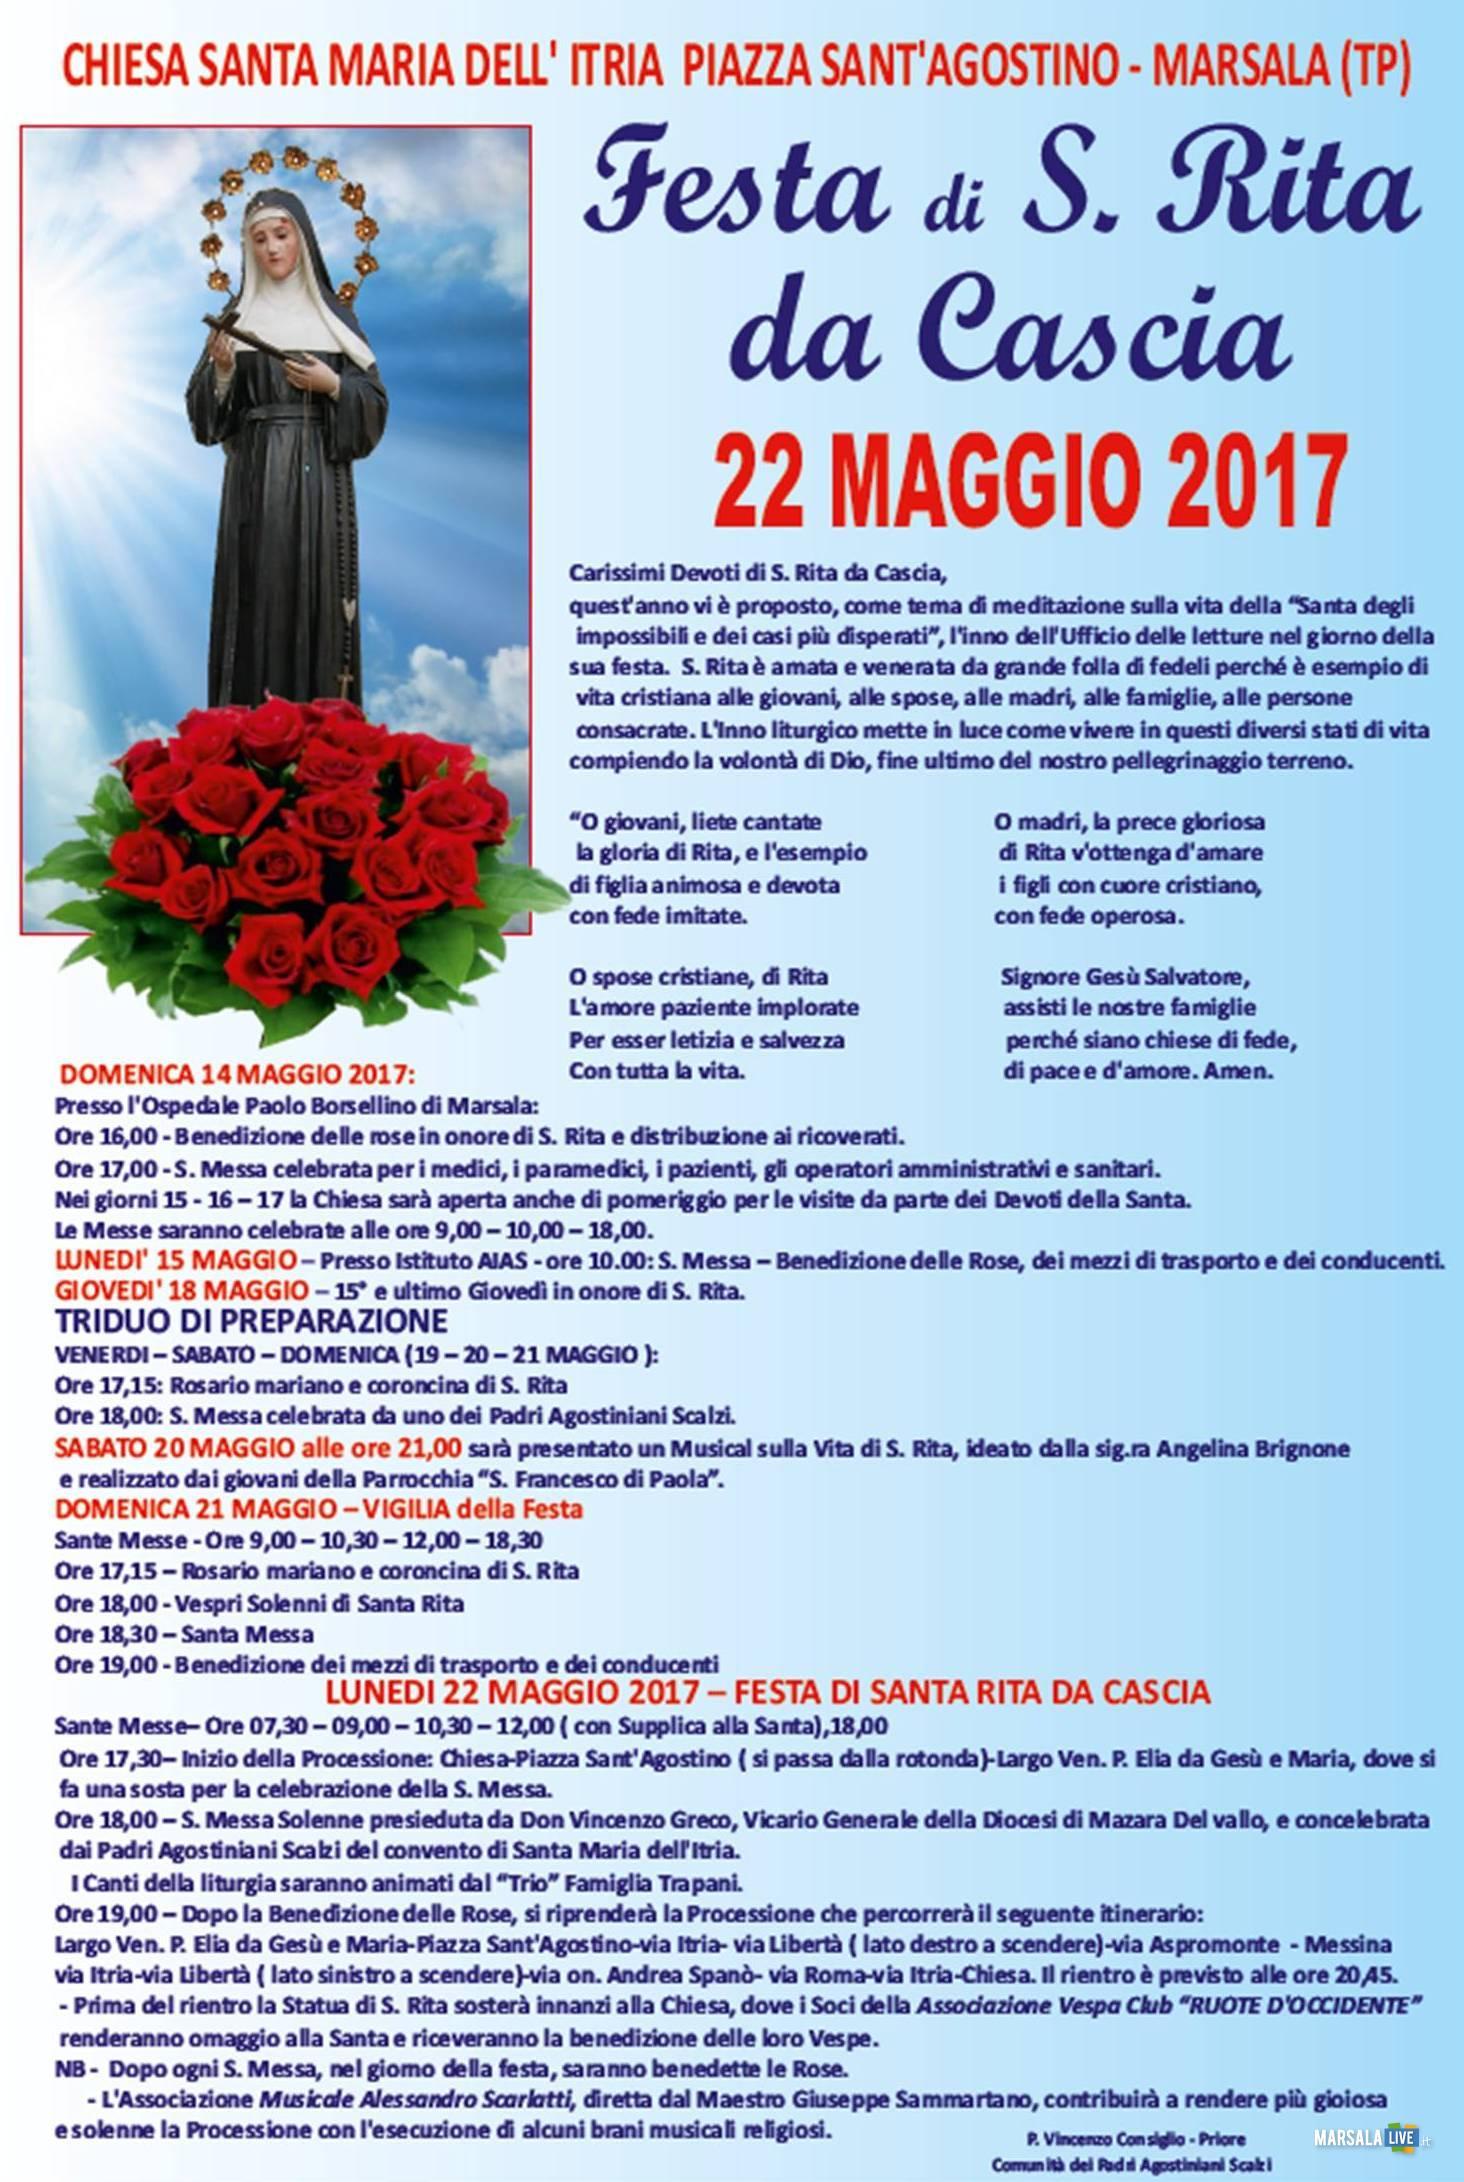 festa-santa-rita-da-cascia-marsala-itria-2017